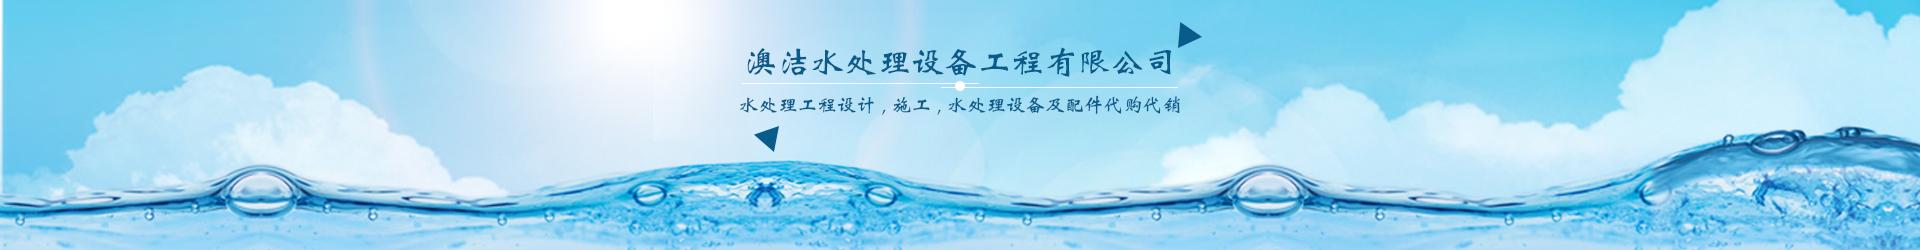 福建水处理工程